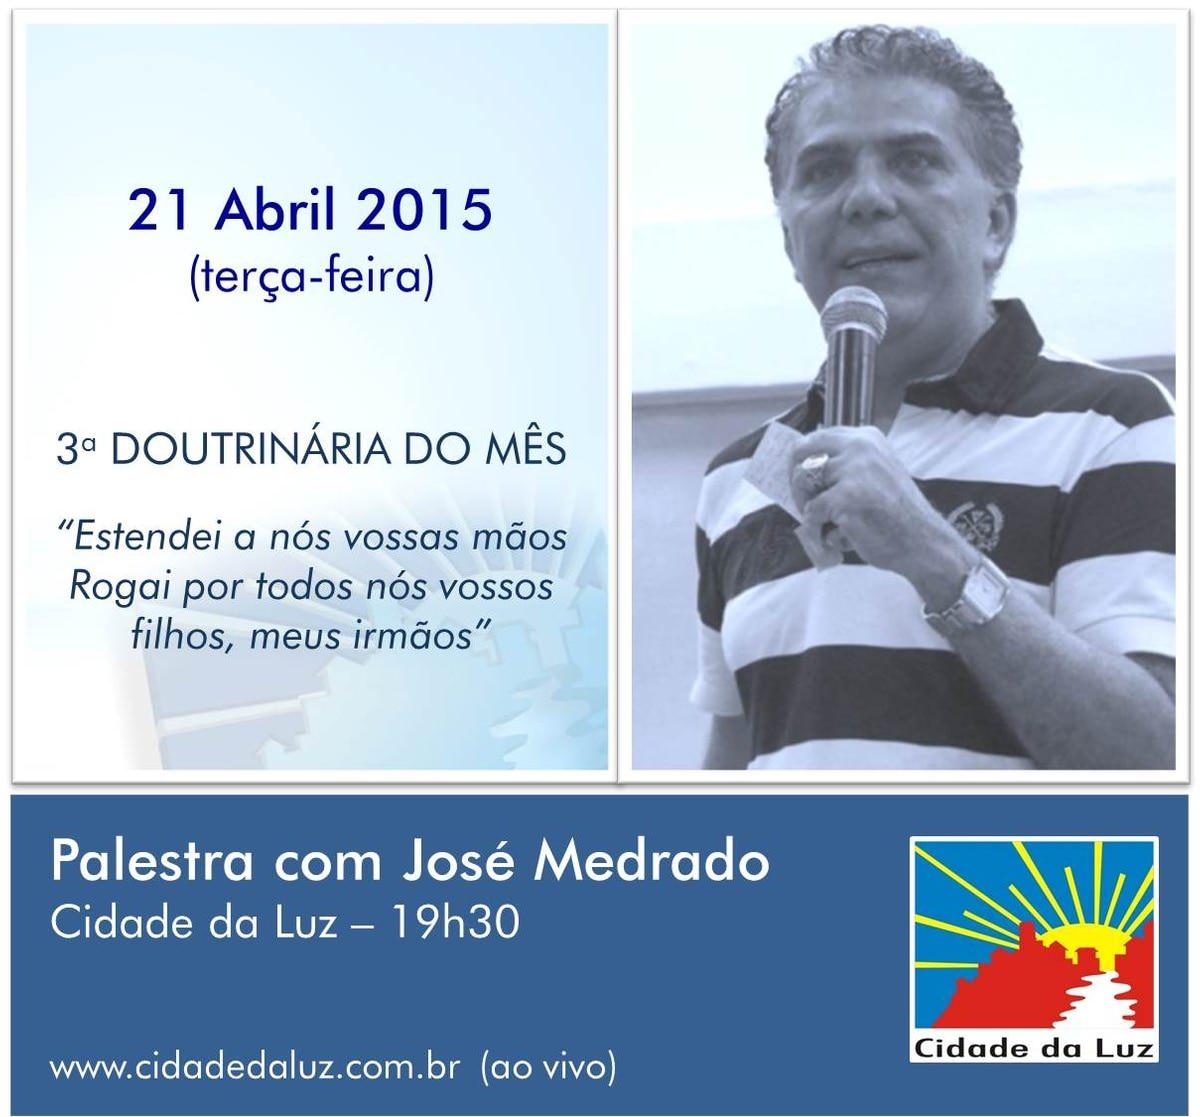 Dia 21 abril - doutrinária com José Medrado